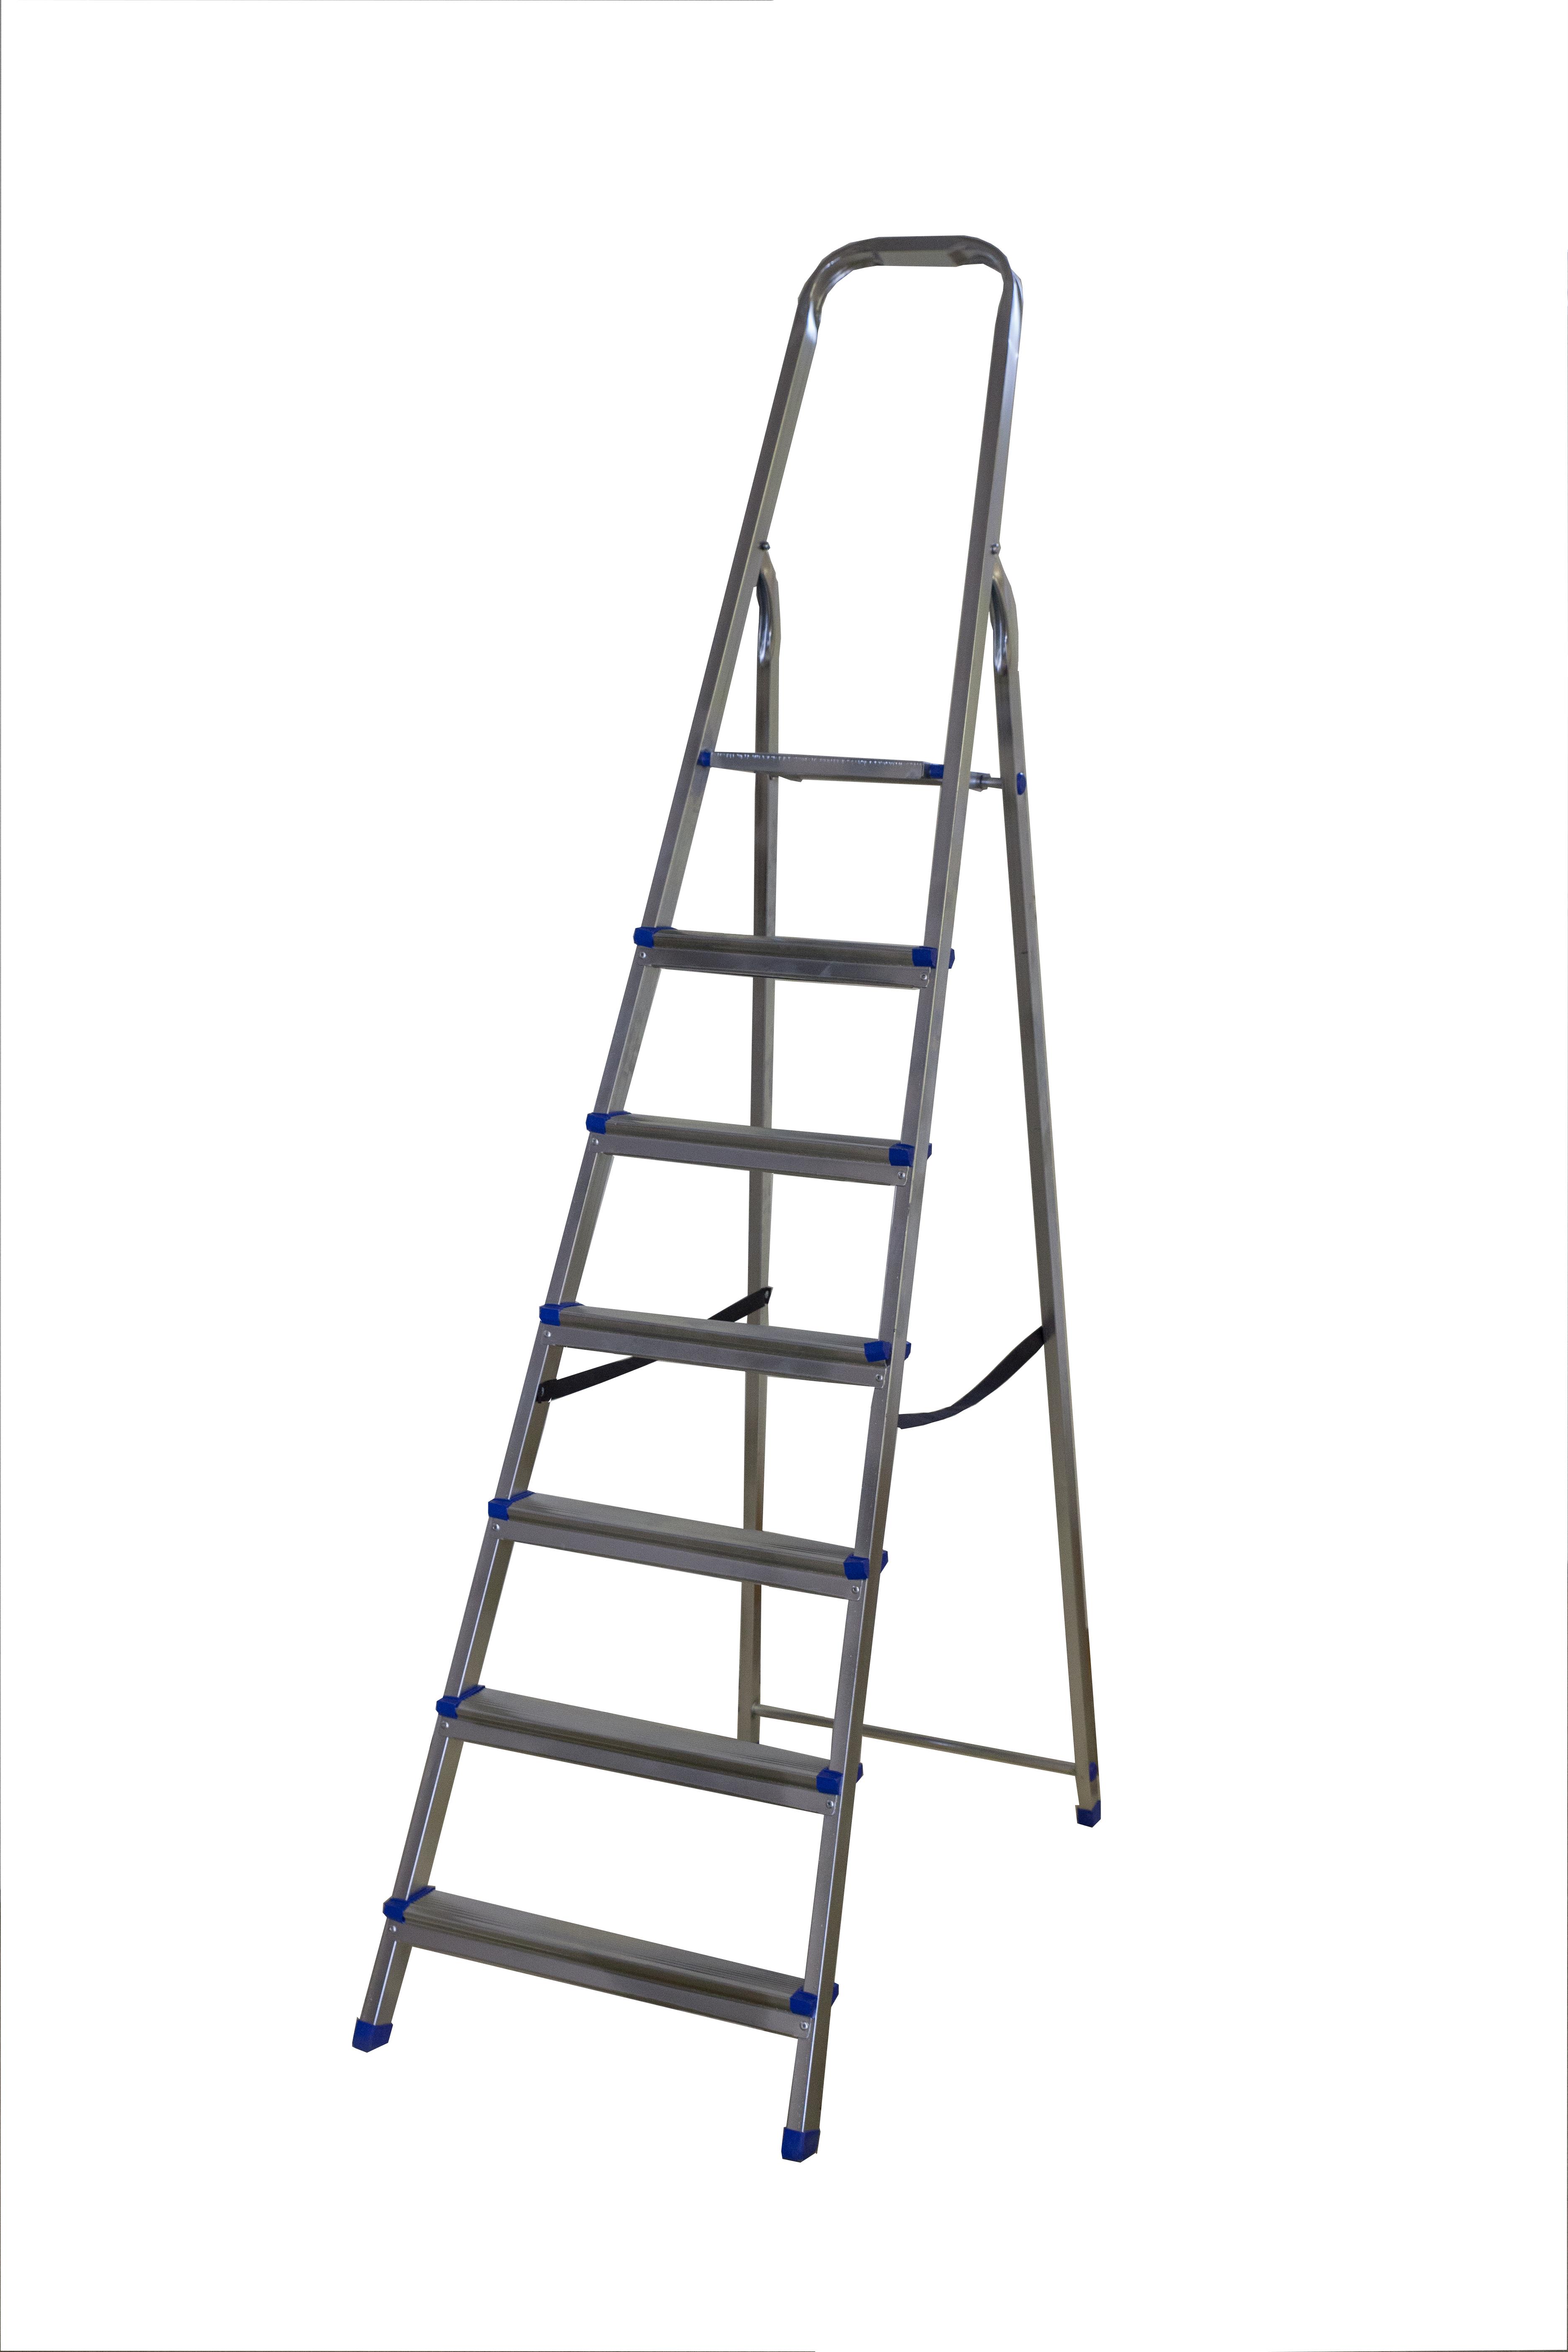 Стремянка стальная BiberЛестницы, стремянки и вышки<br>Макс. высота: 1.51,<br>Рабочая высота: 3.65,<br>Тип: стремянка,<br>Материал: сталь,<br>Количество секций: 1,<br>Количество ступеней: 7,<br>Количество ступеней в секции: 7<br>